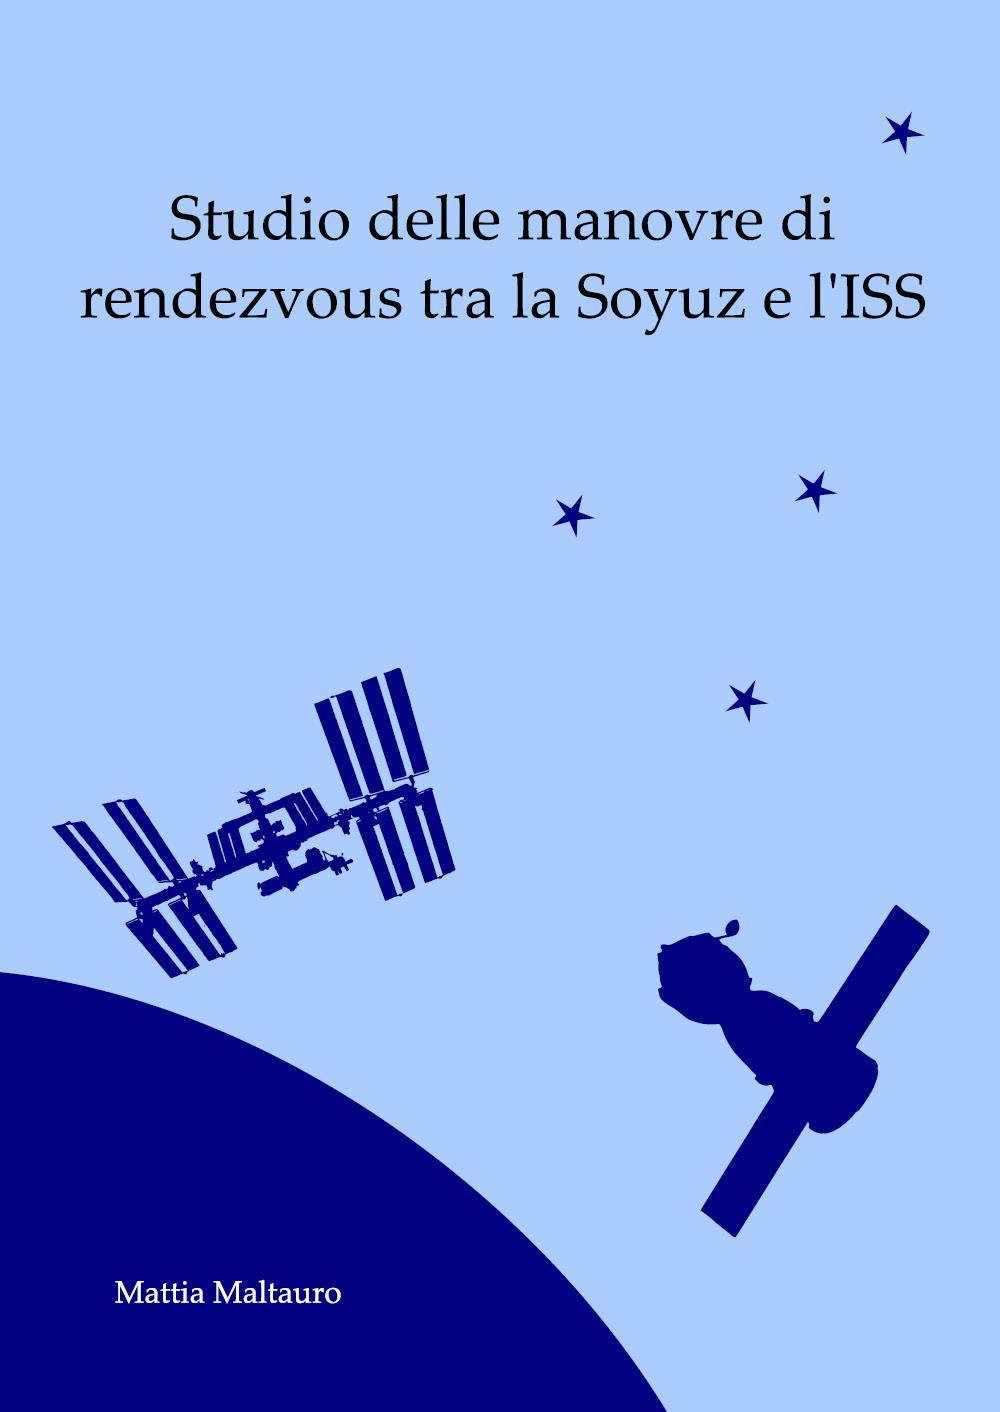 Studio delle manovre di rendezvous tra la Soyuz e l'ISS